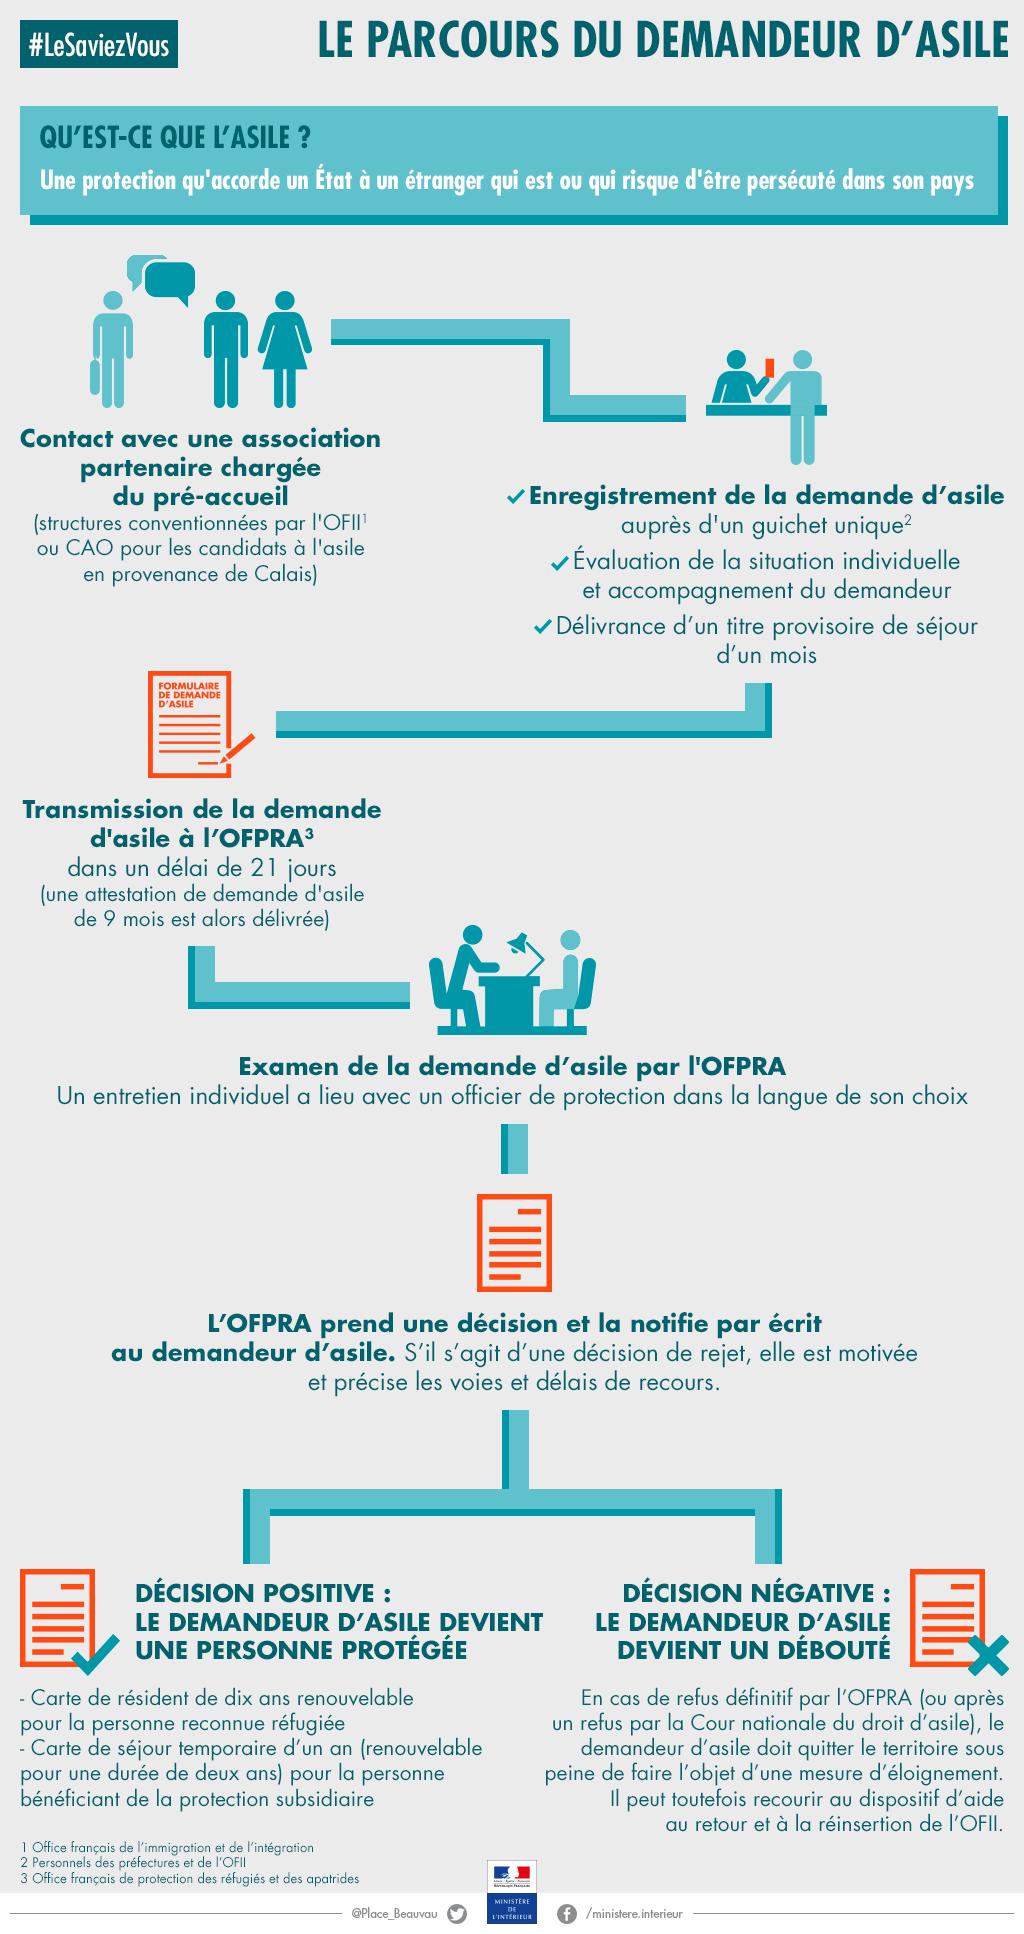 Le parcours du demandeur d'asile / © Ministère de l'Intérieur